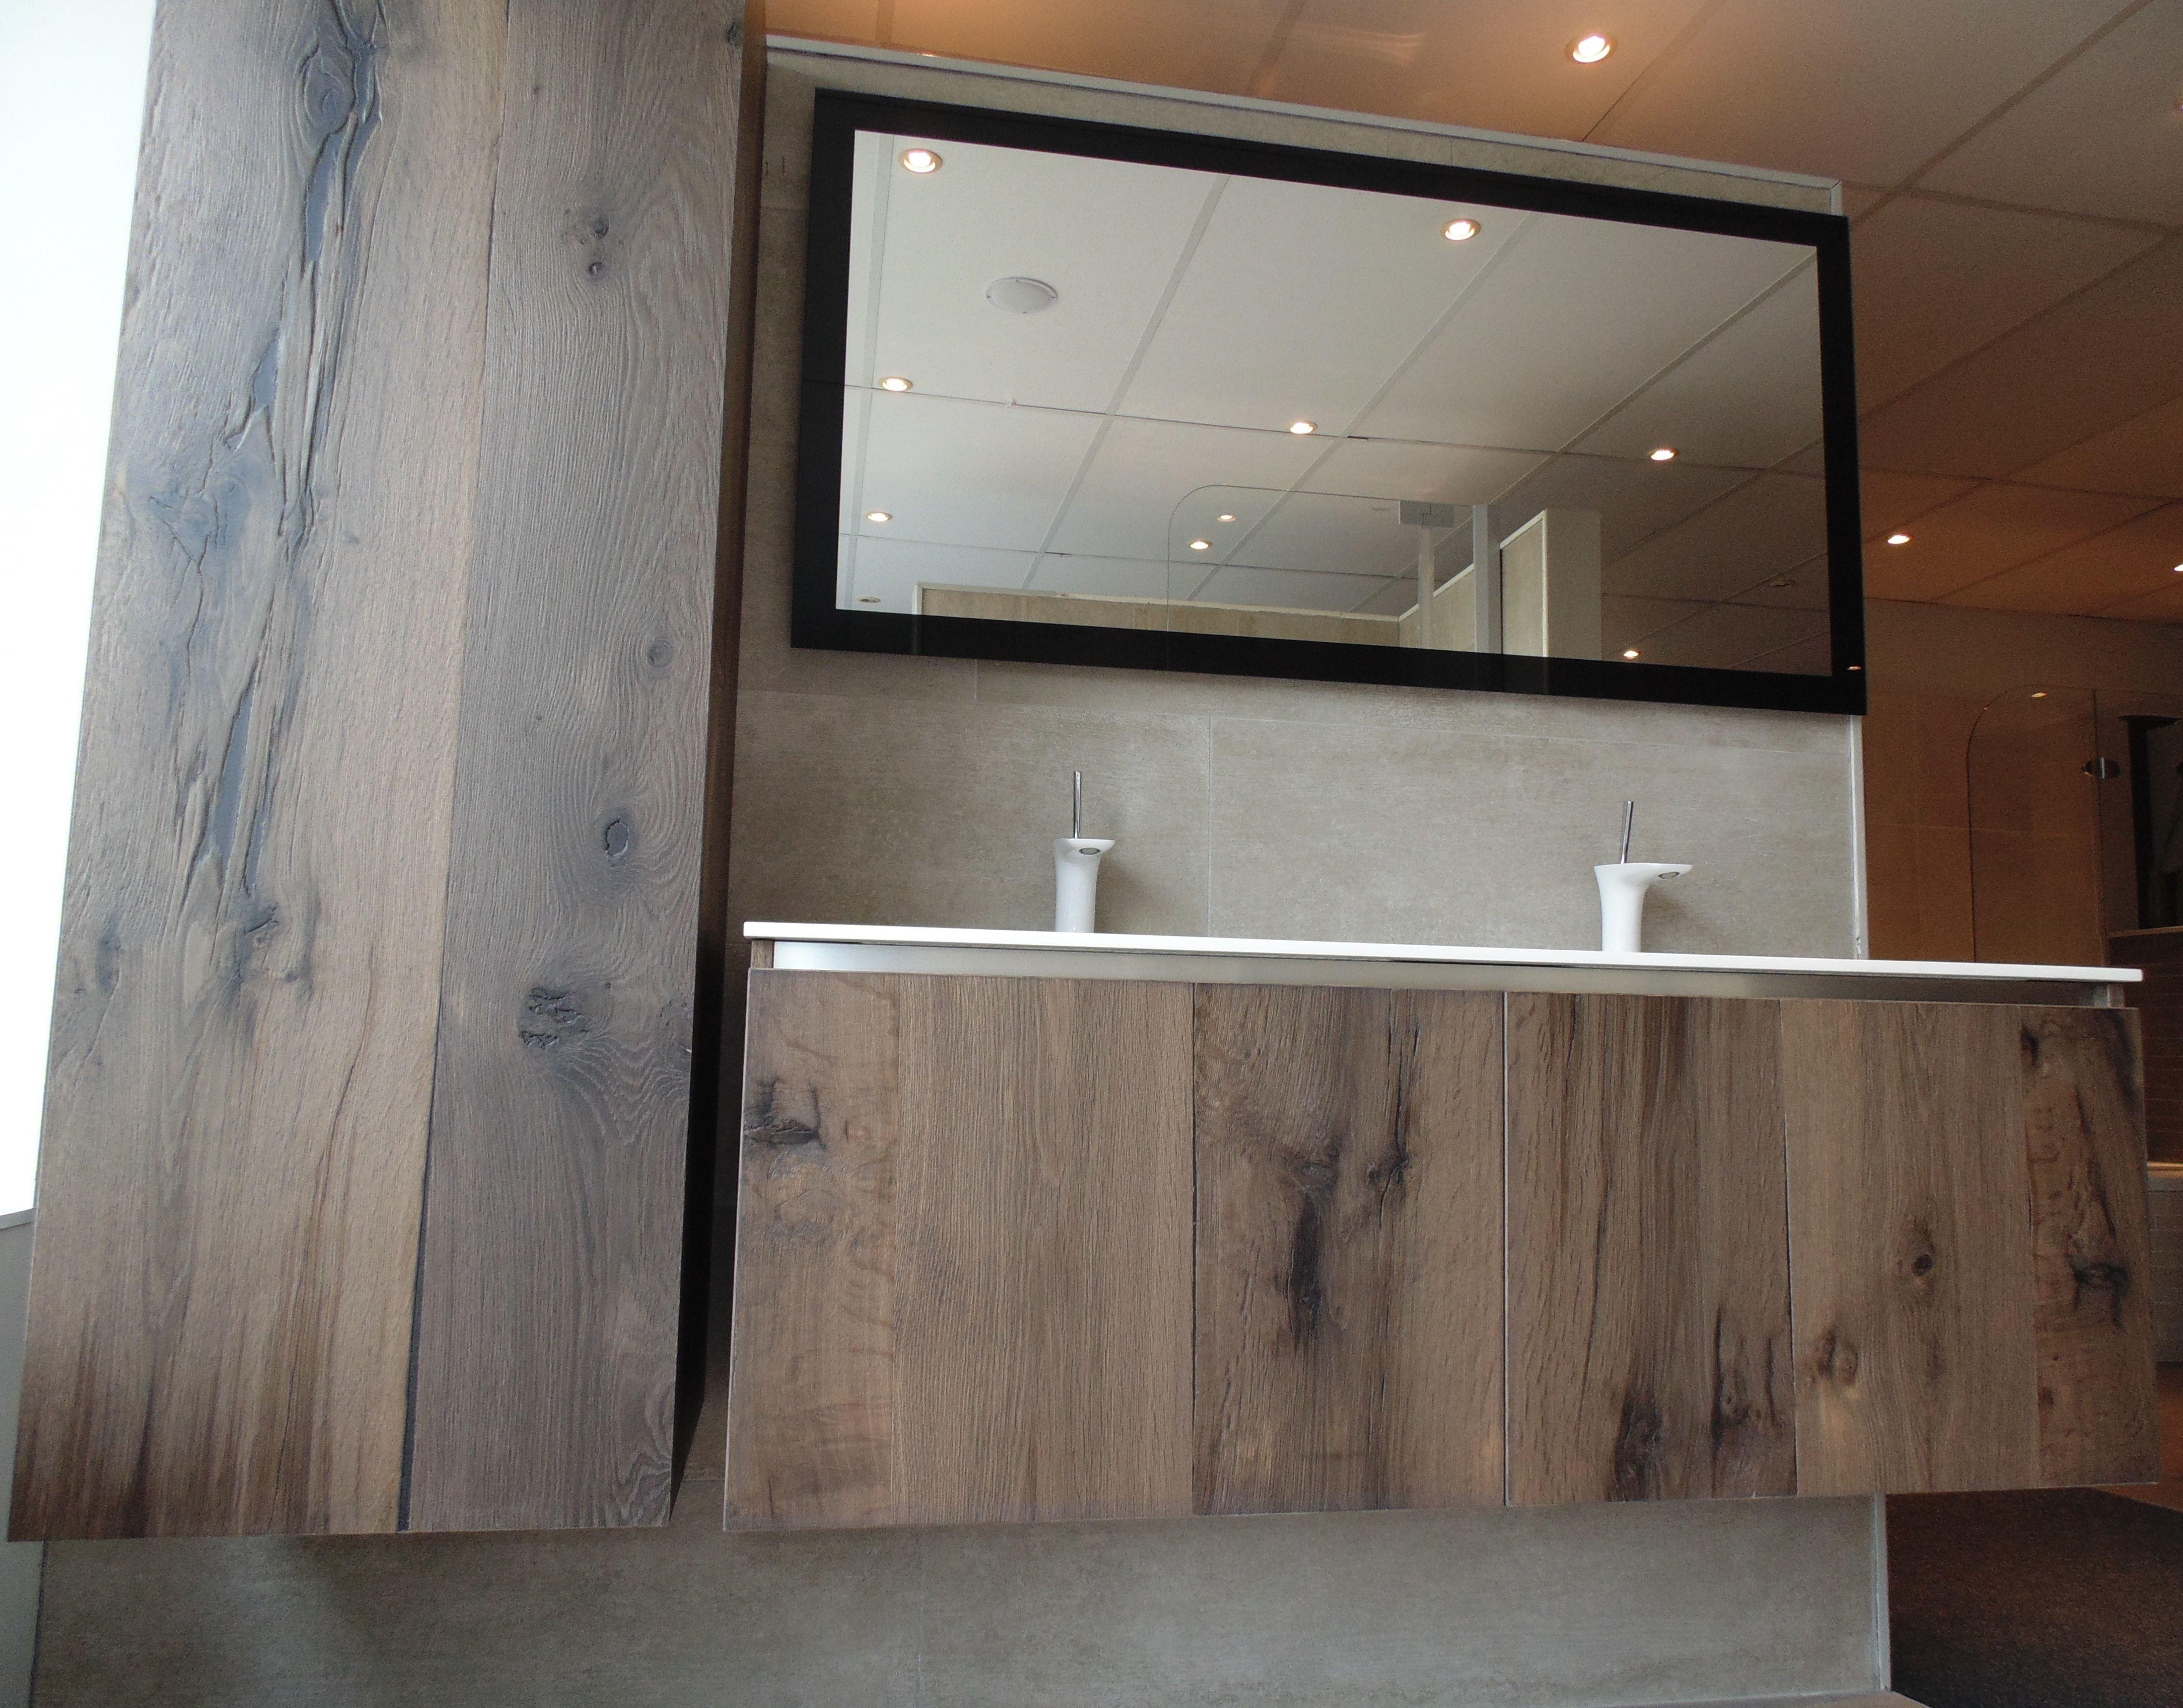 Badkamer Onderkast Hout : Badkamer meubel met houten onderkasten en een kolomkast badkamer